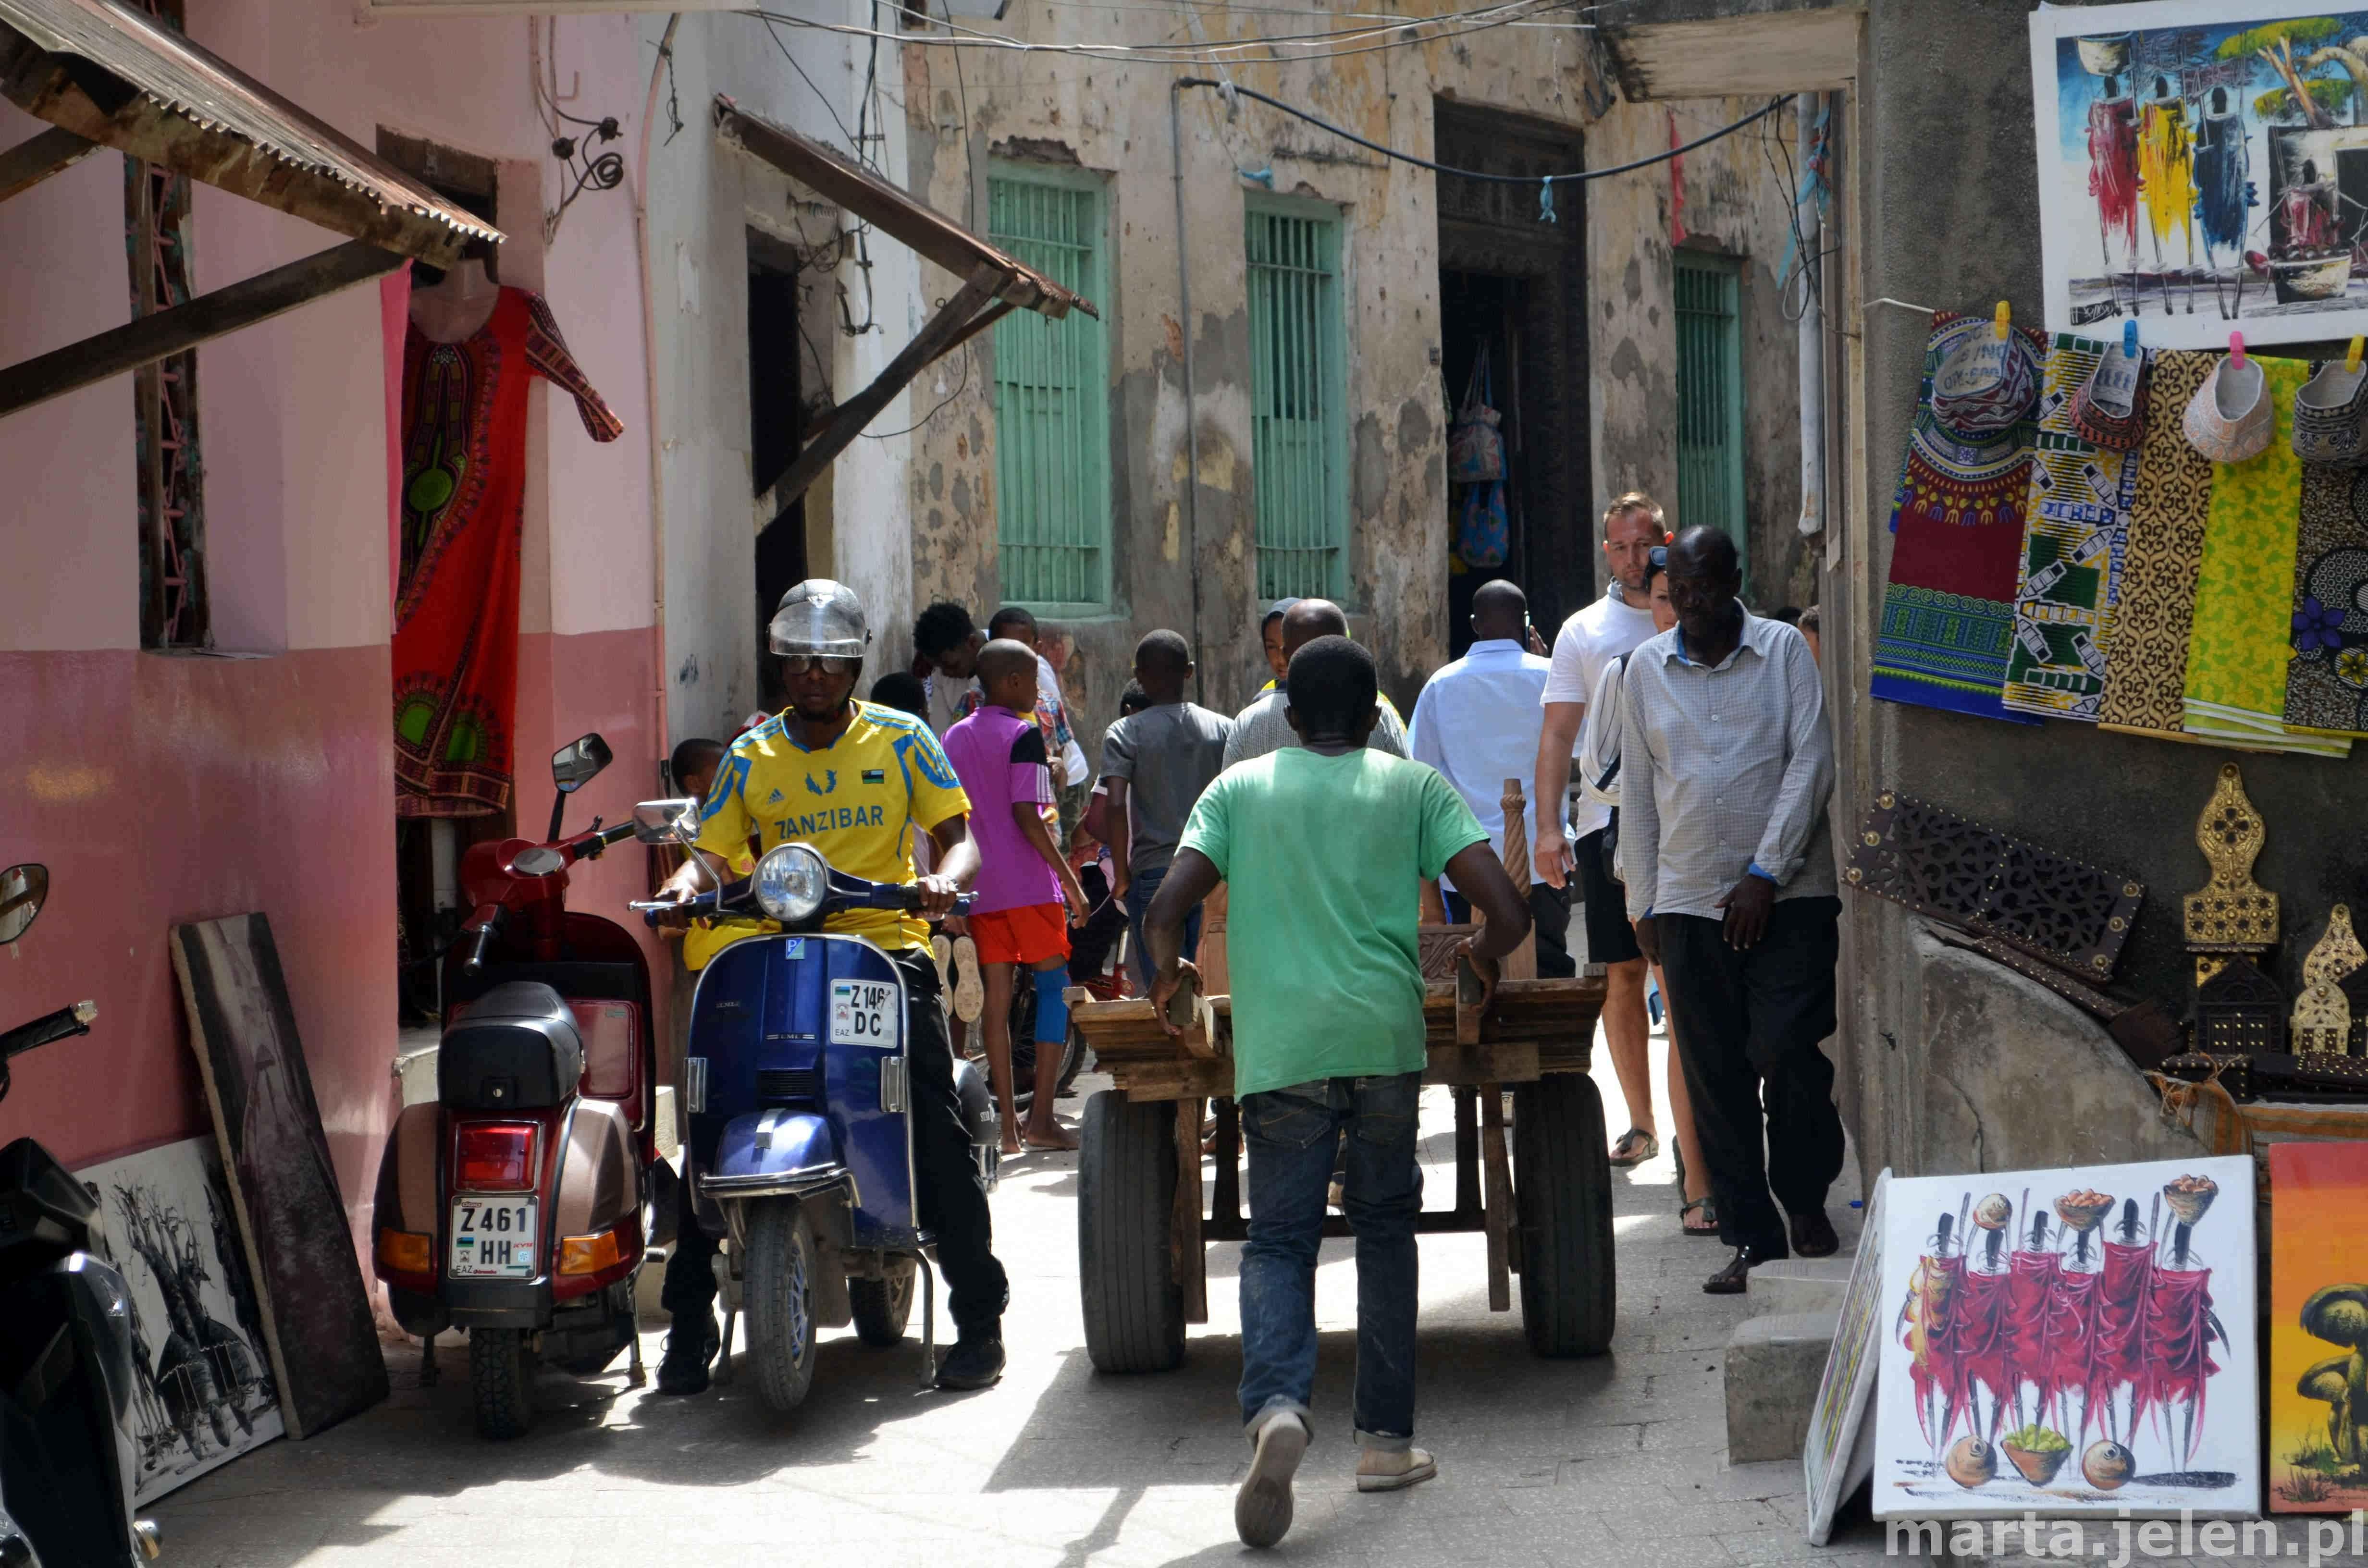 Zatłoczona uliczka w centrum starego miasta stolicy Zanzibaru ze sklepikami